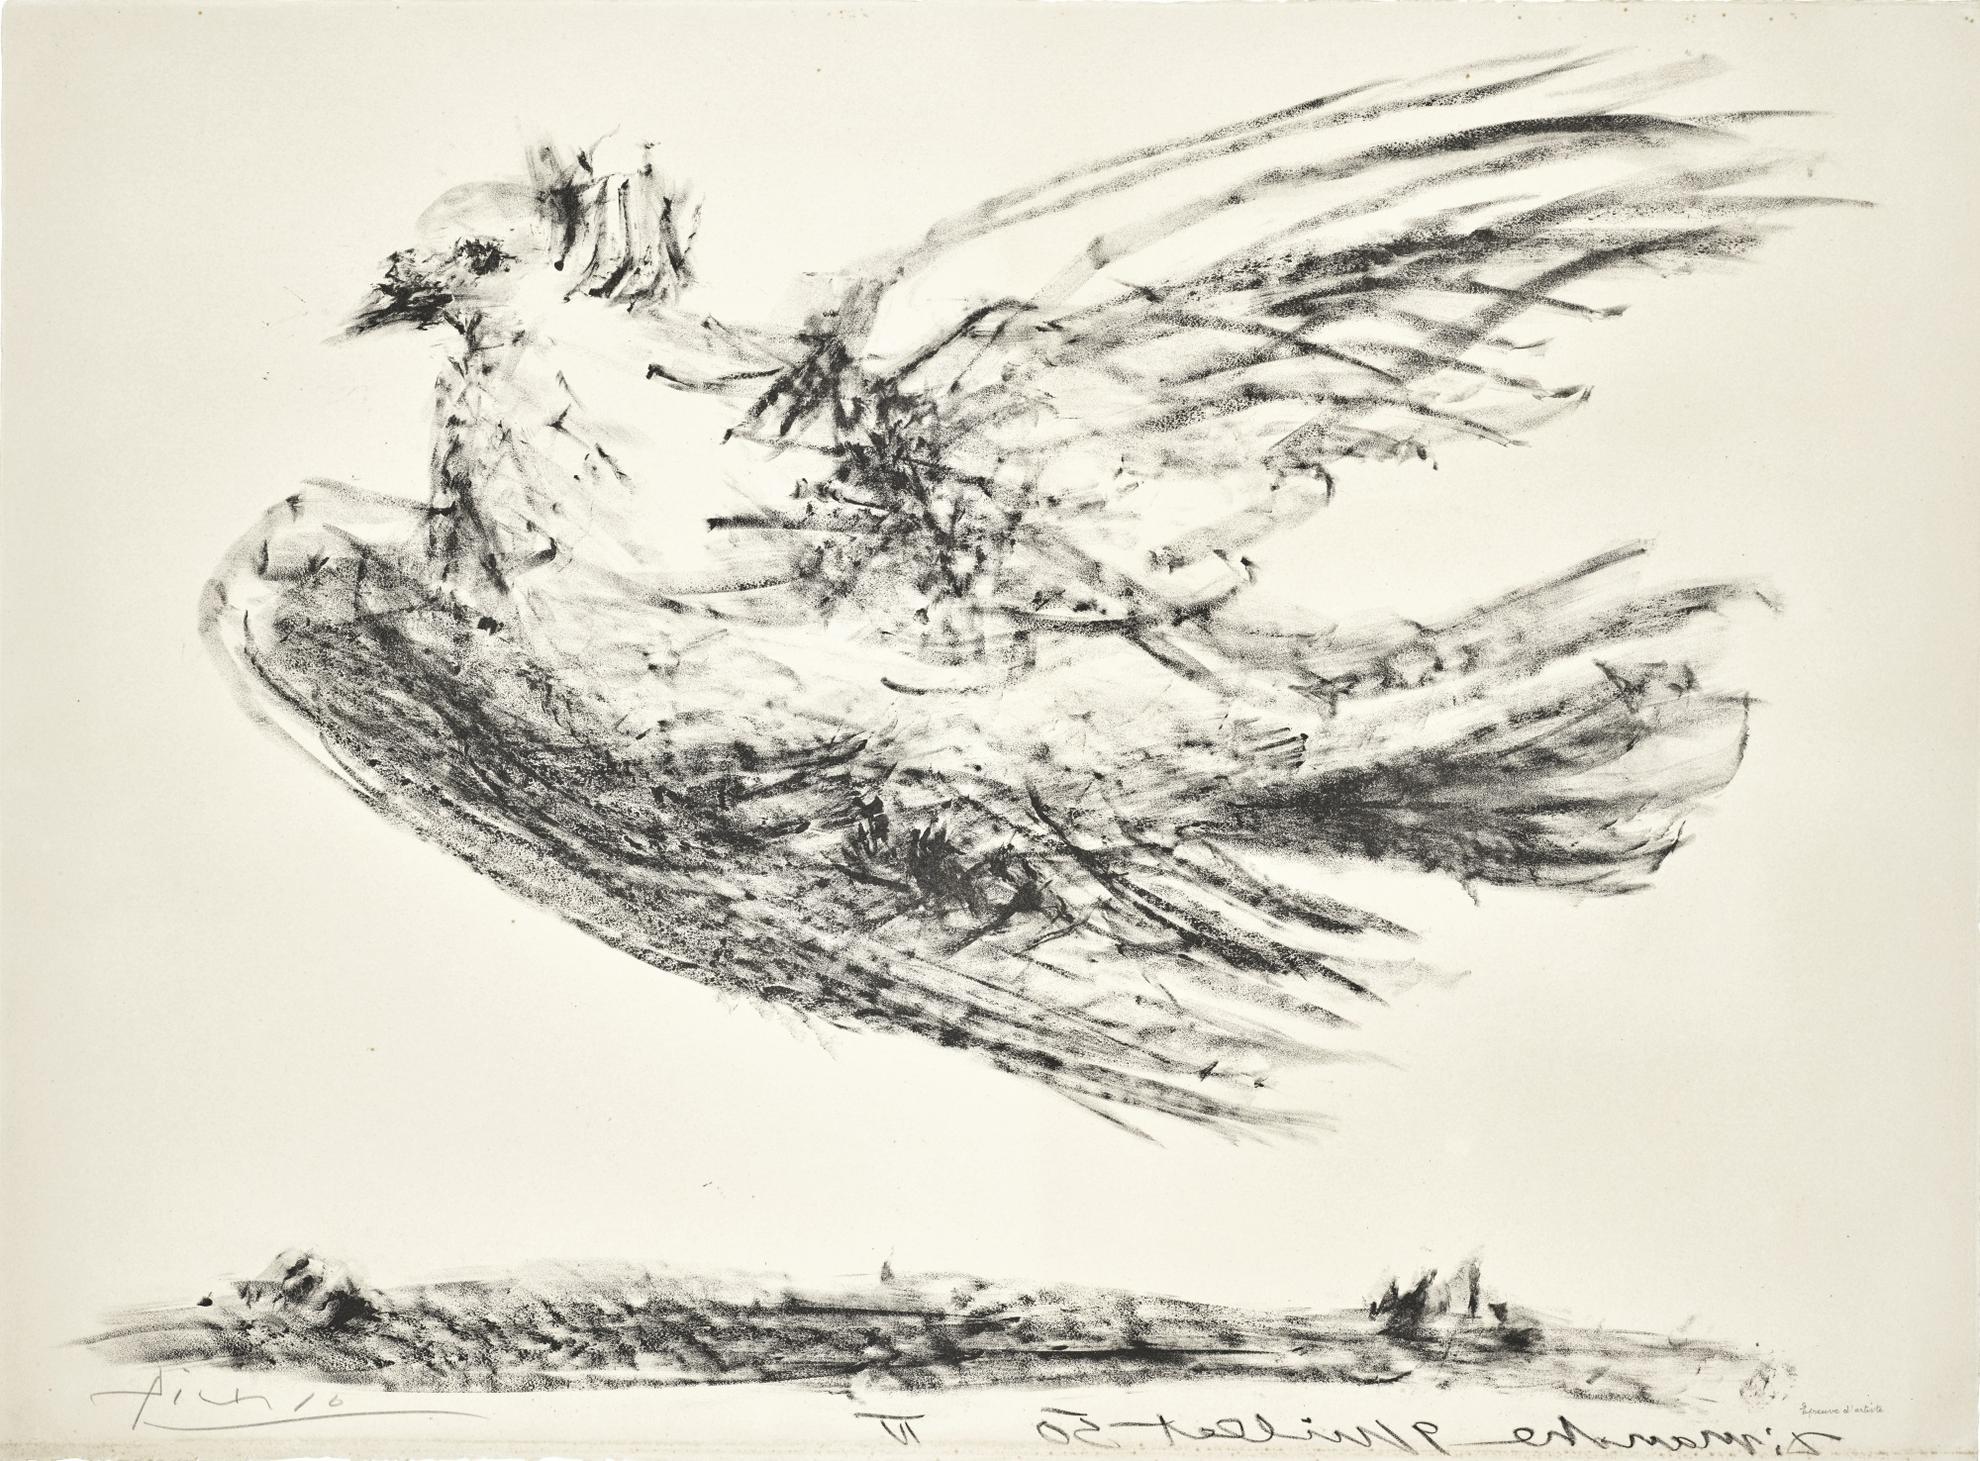 Pablo Picasso-La Colombe En Vol (B. 679; Mourlot, Picasso Project 193)-1950